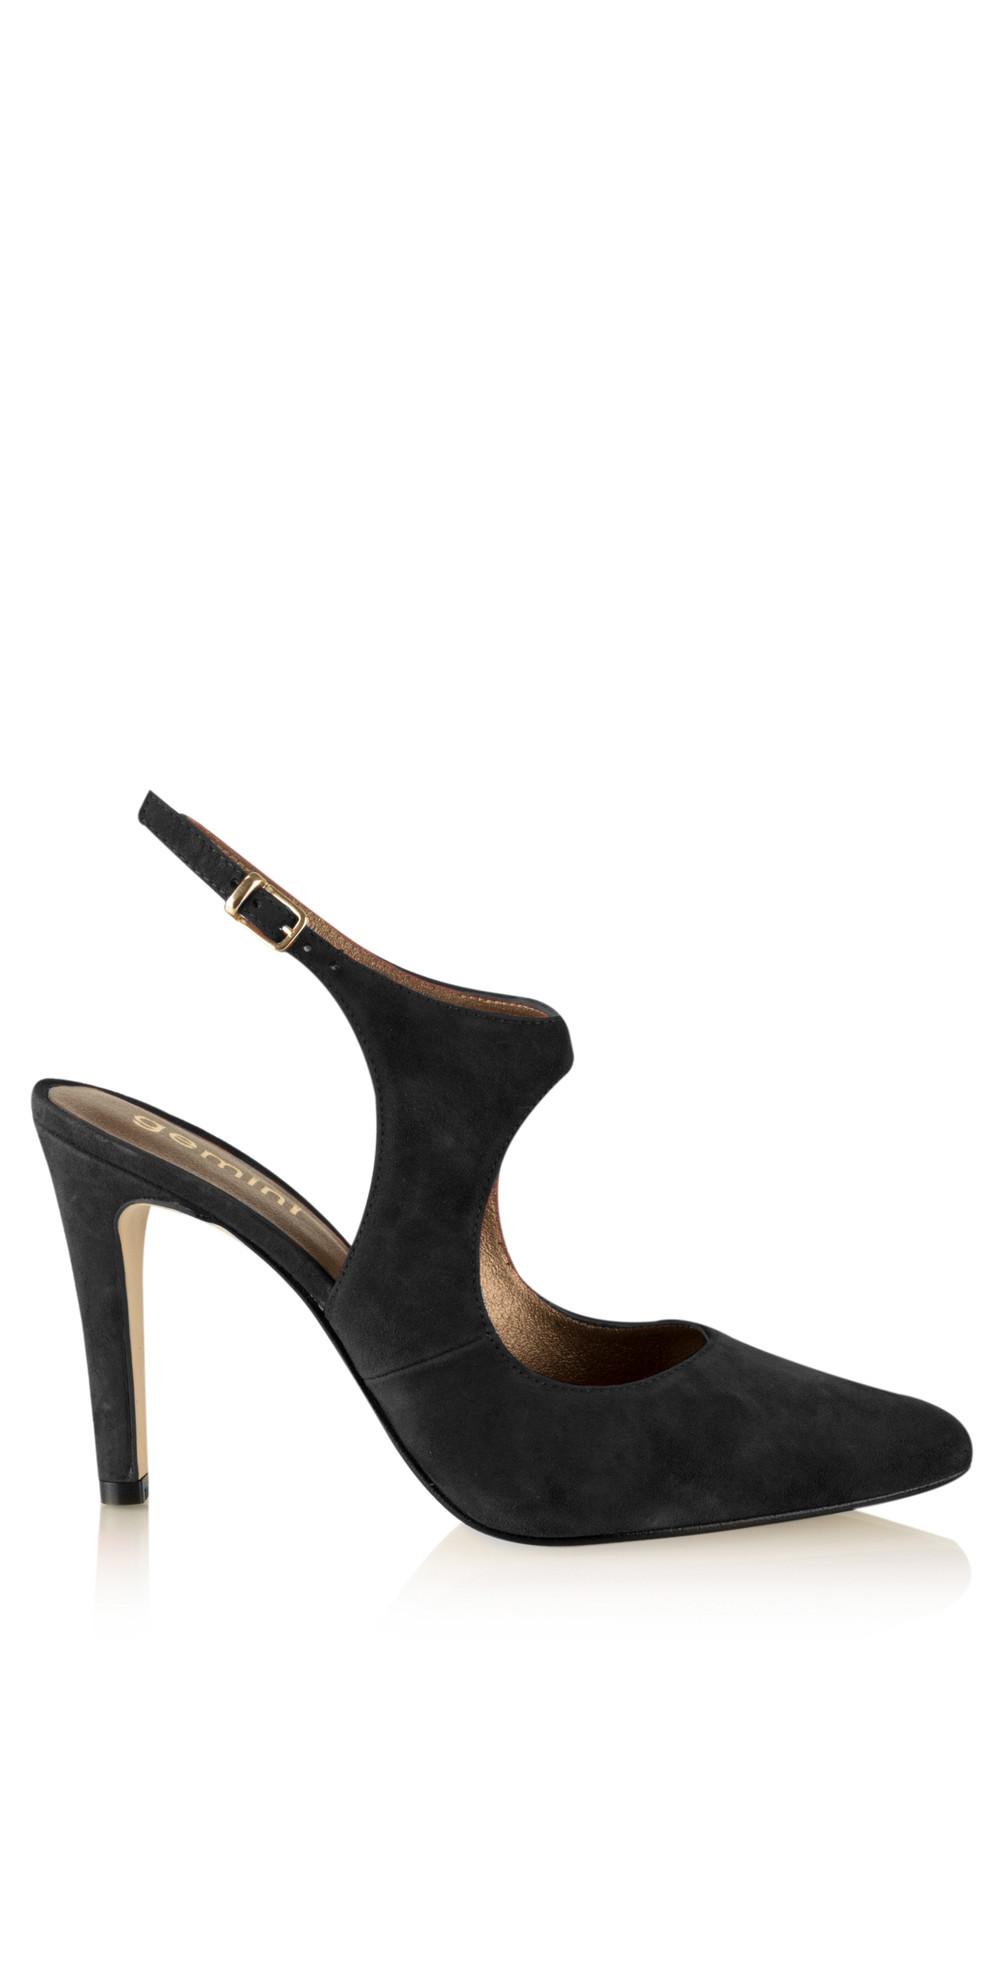 Mesalla Suede Shoe main image